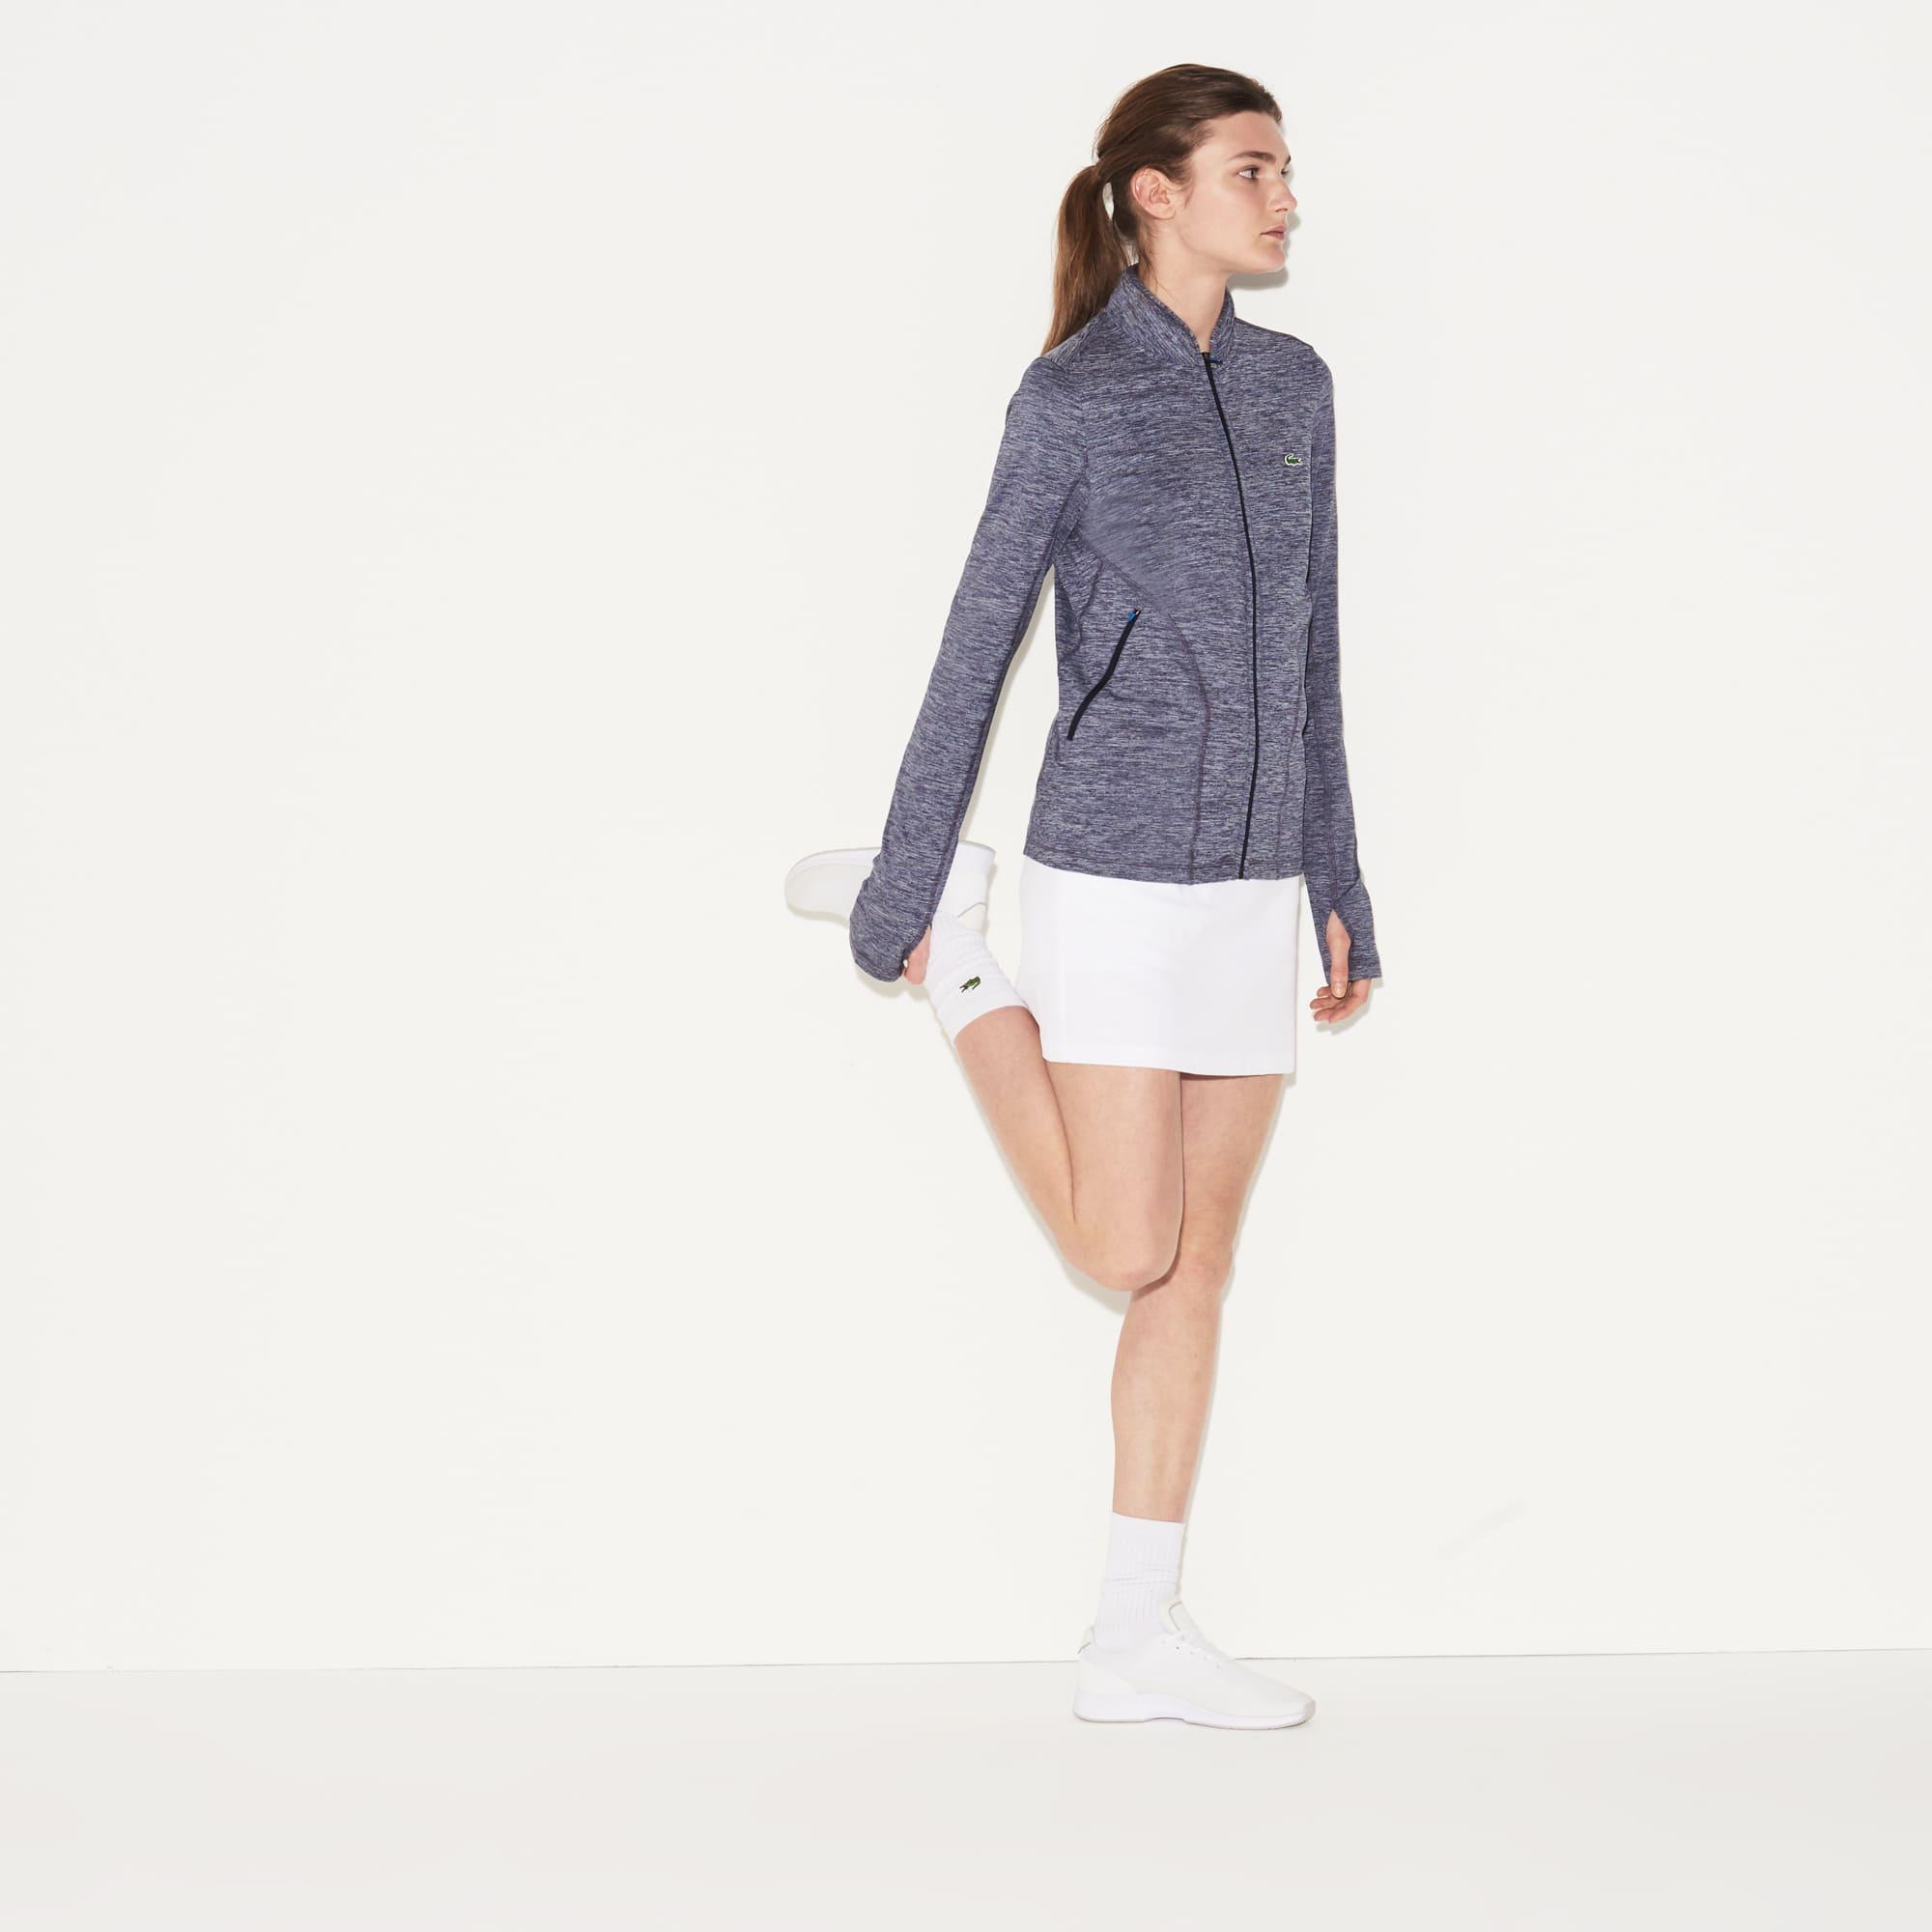 라코스테 스포츠 스커트 Womens Lacoste SPORT Technical Gabardine Golf Skirt,white